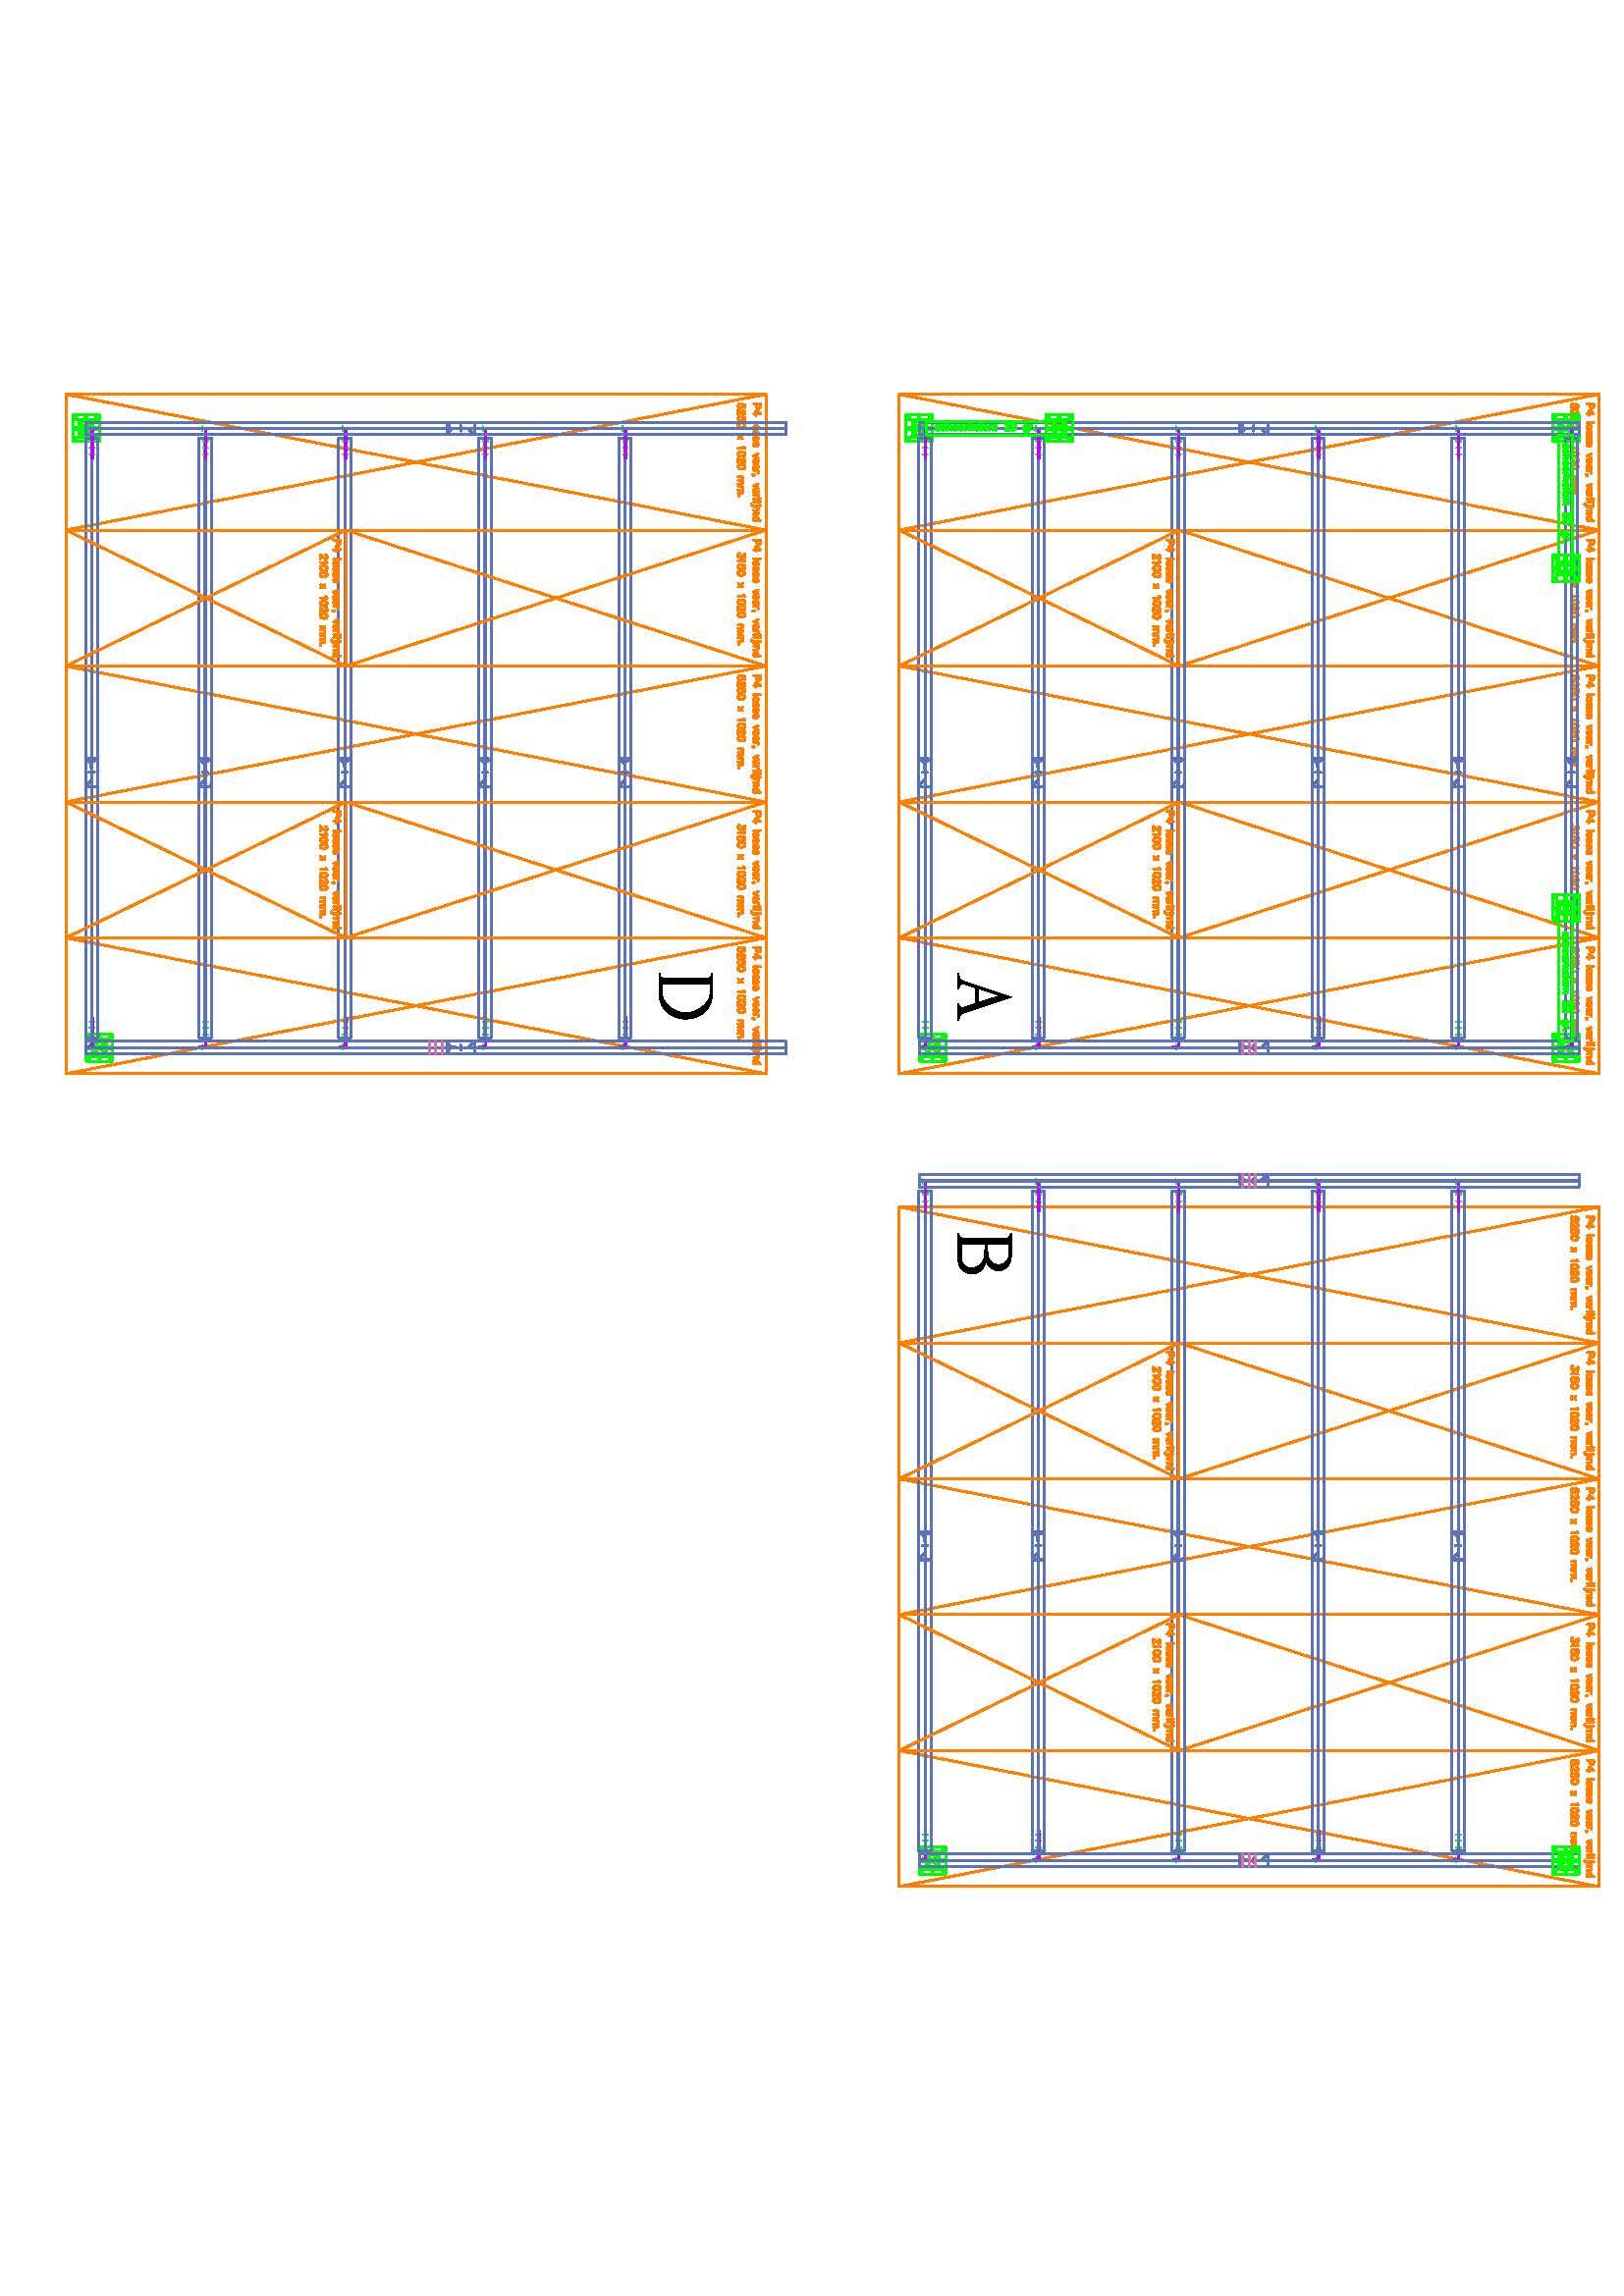 Kleine-etagevloer-voor-in-magazijn-platform